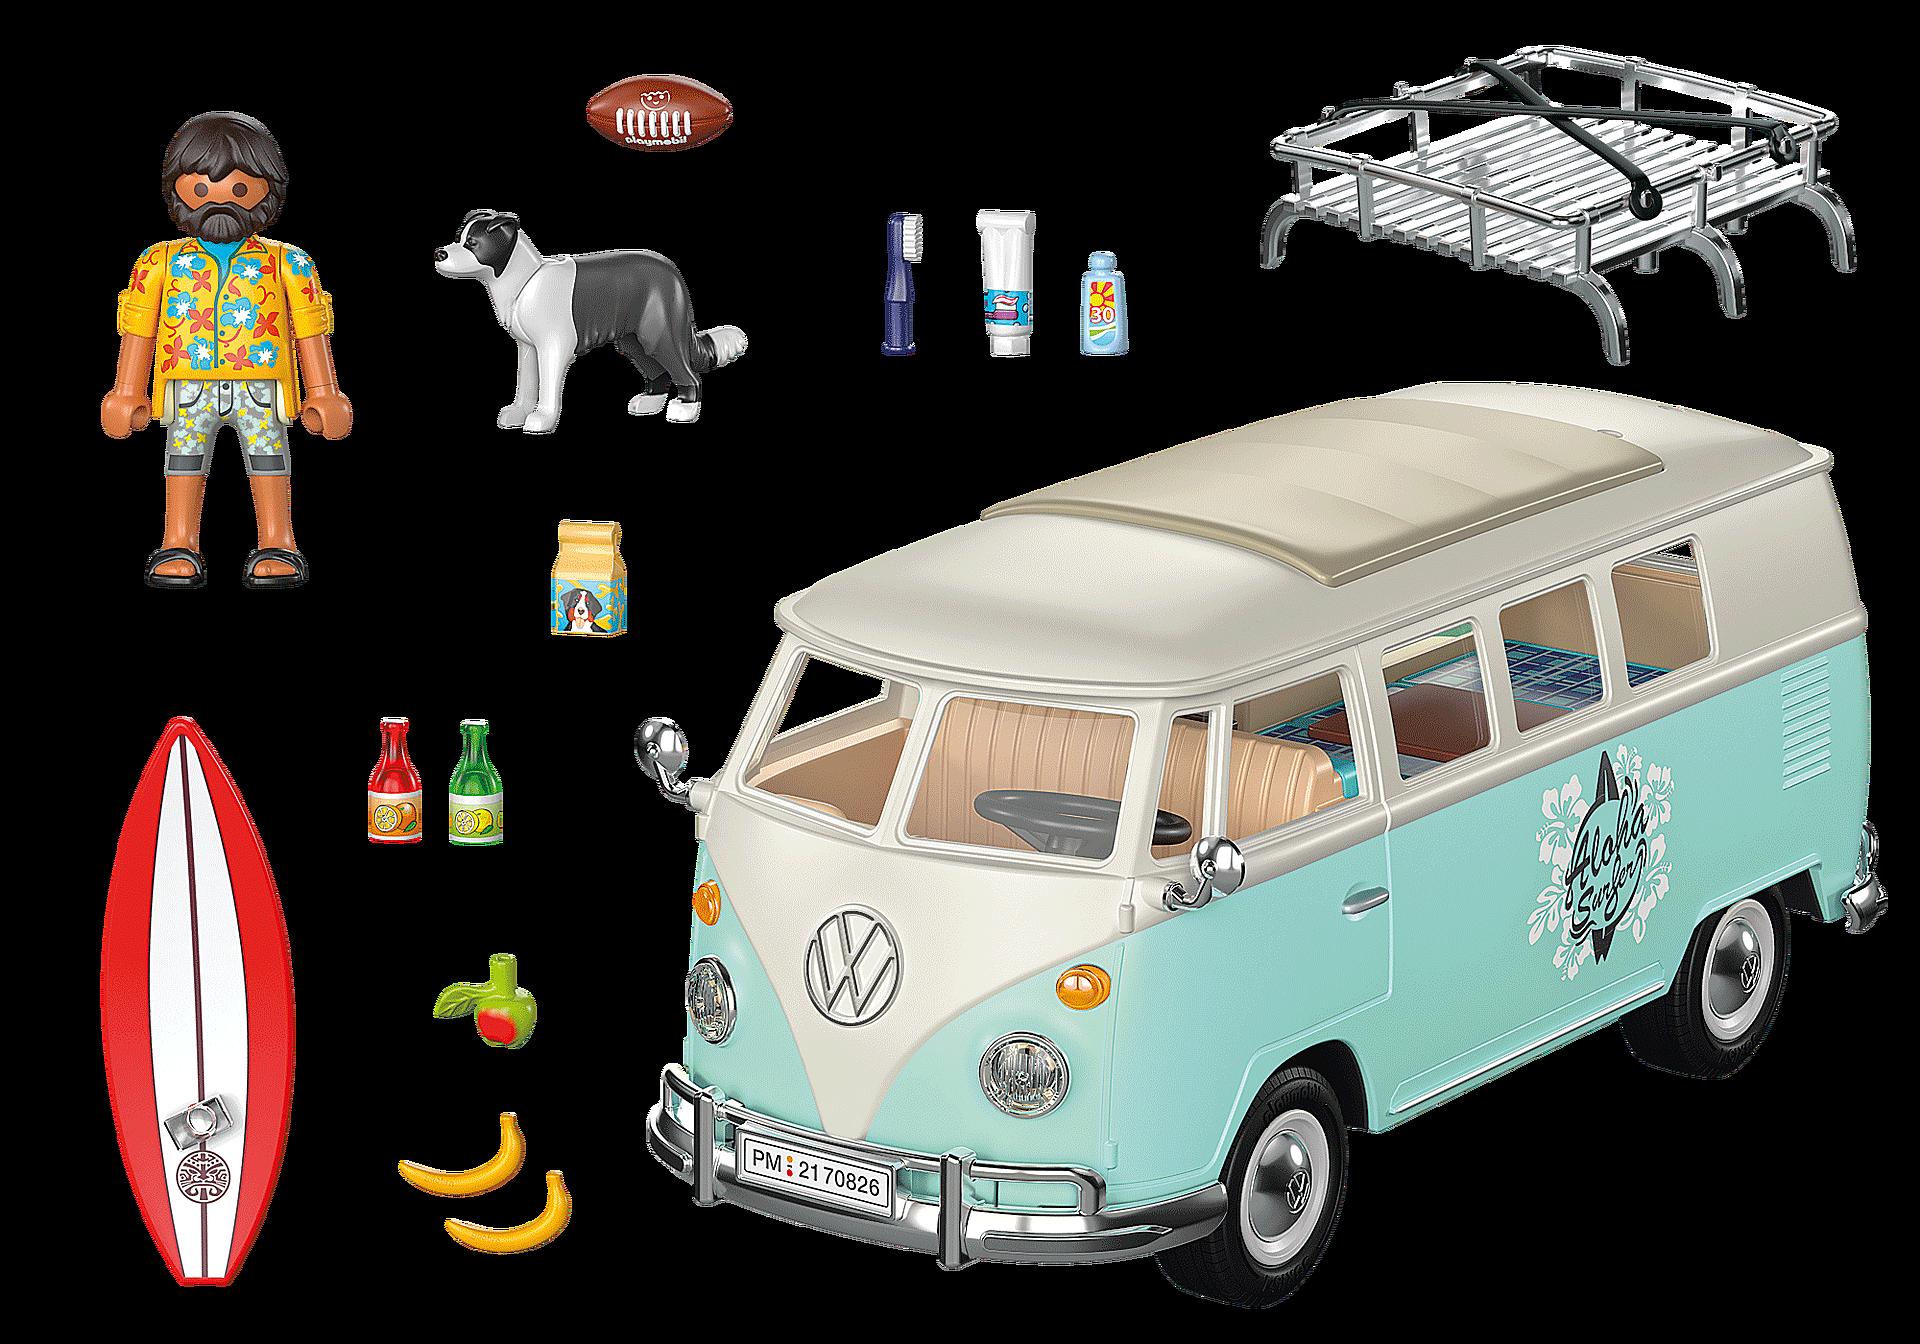 70826 Volkswagen T1 Camping Bus - Edición especial zoom image3